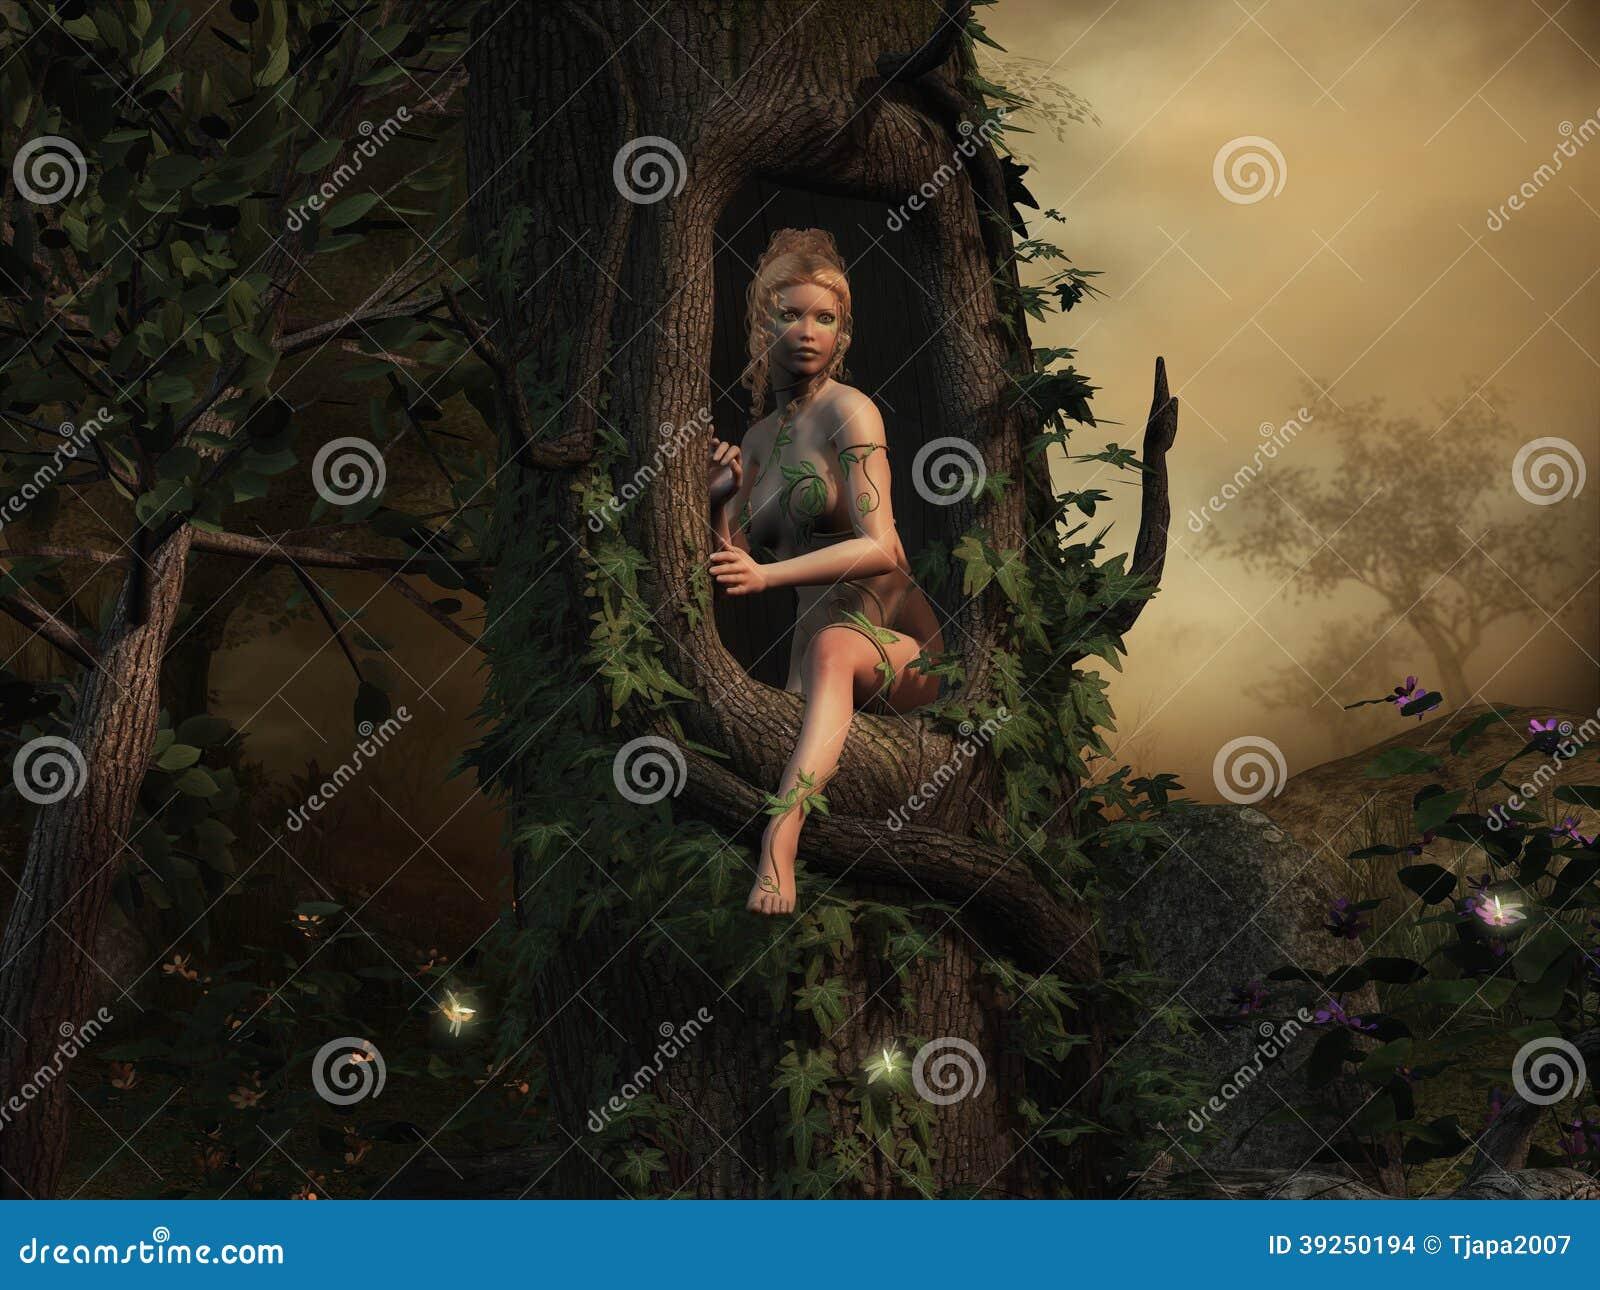 森林的若虫在一个神奇地方.图片